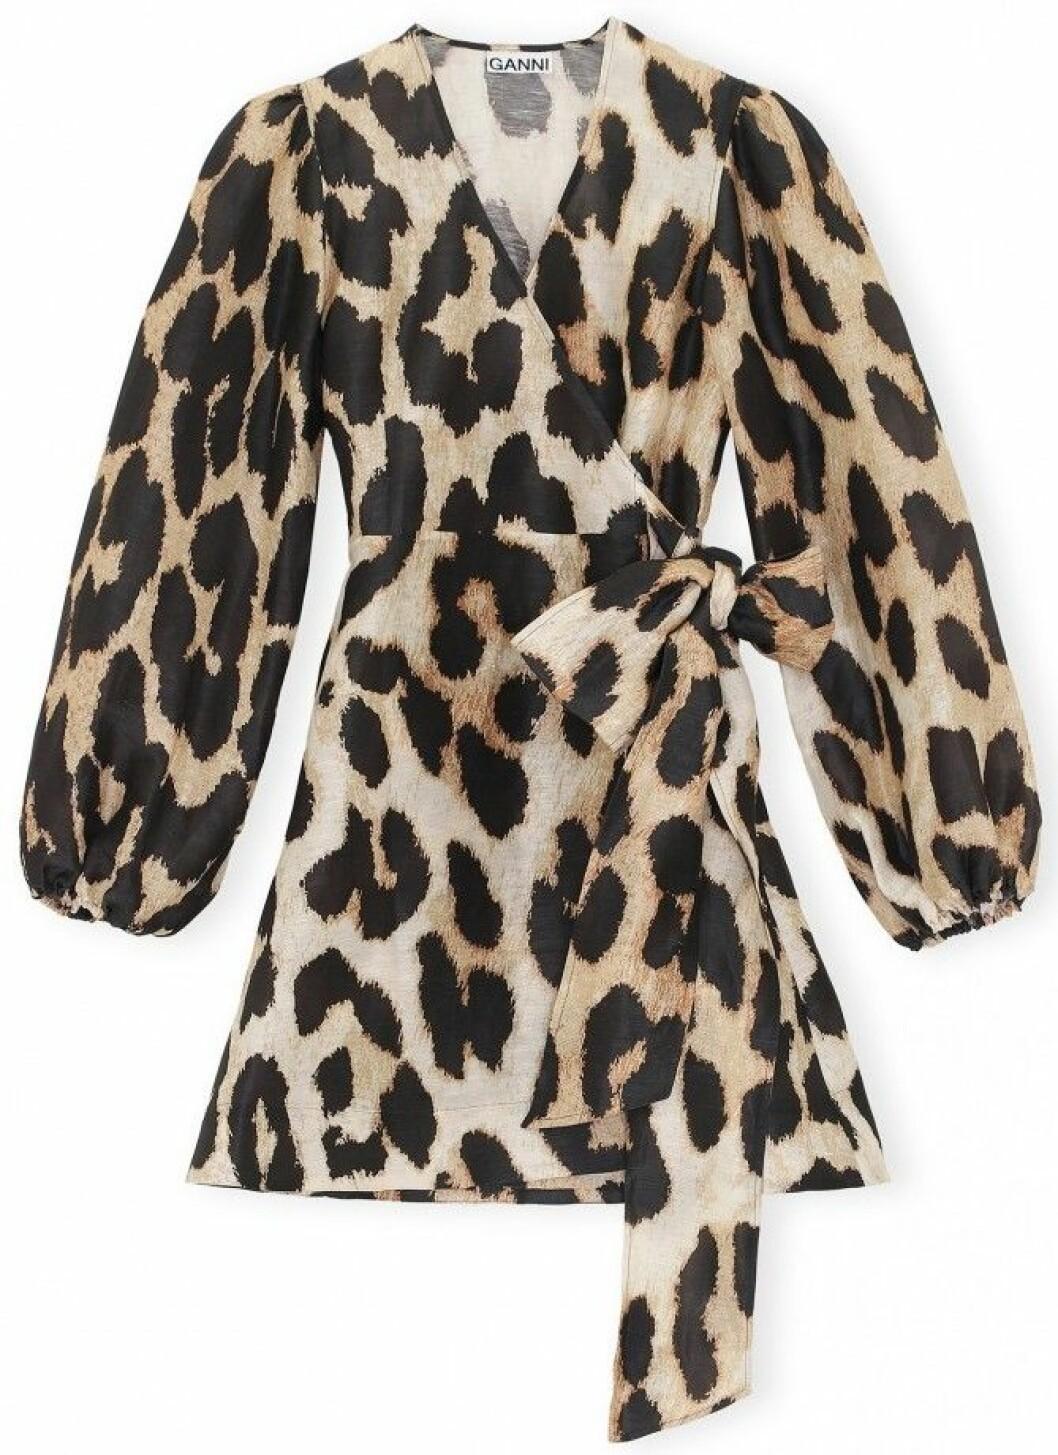 Leopardmönstrad klänning från Ganni i en materialmix av linne och siden.